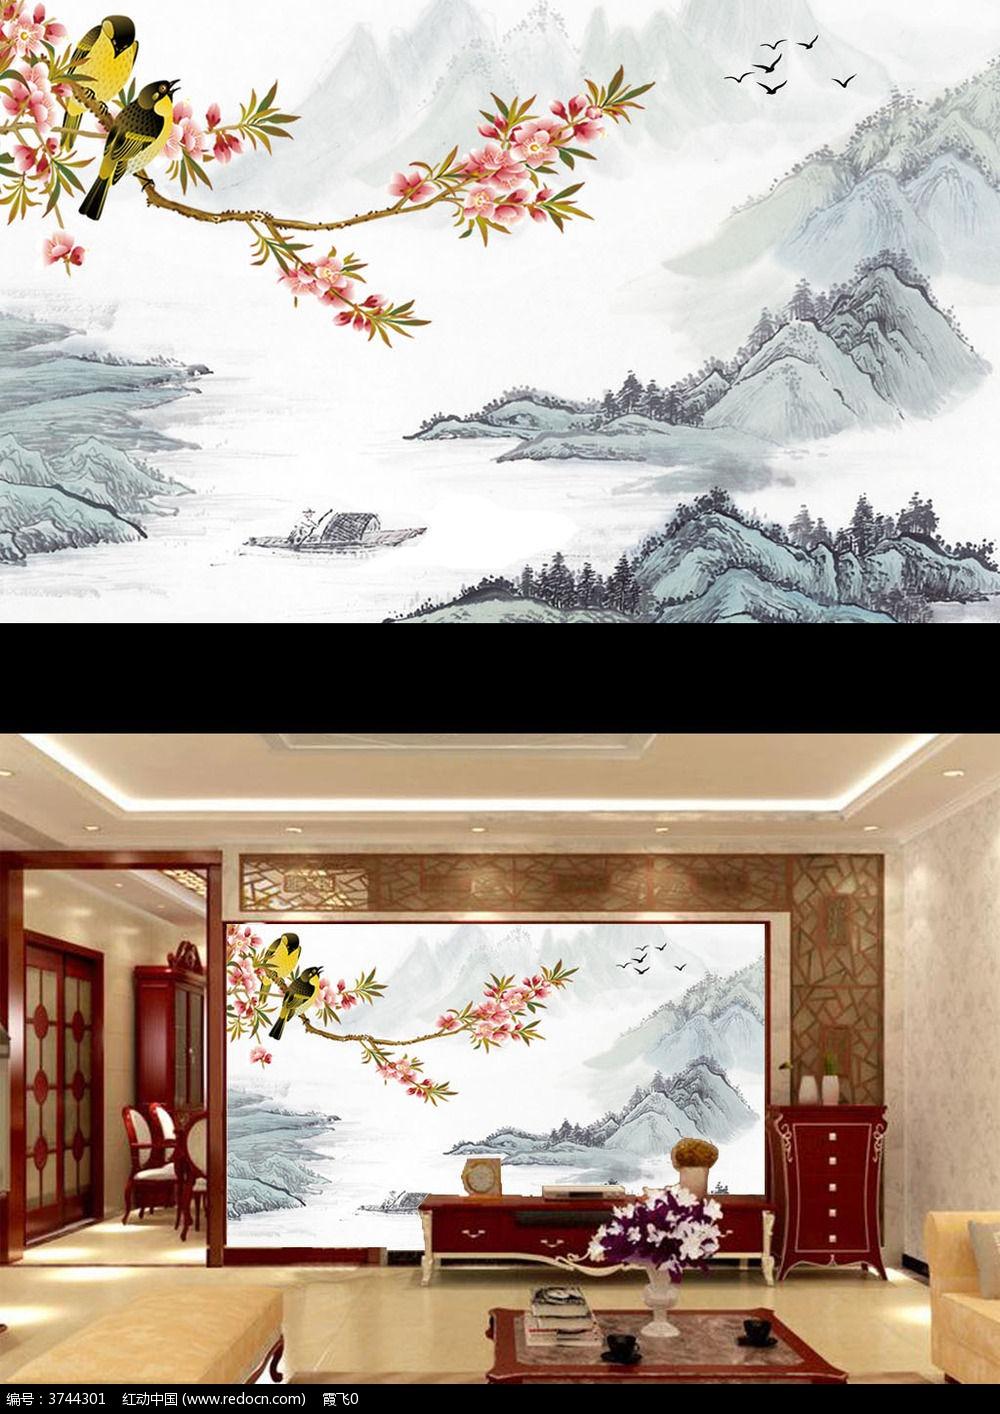 厅电视墙 大厅壁画 壁画 墙纸 酒店壁画-15款 竹报平安电视客厅背景墙